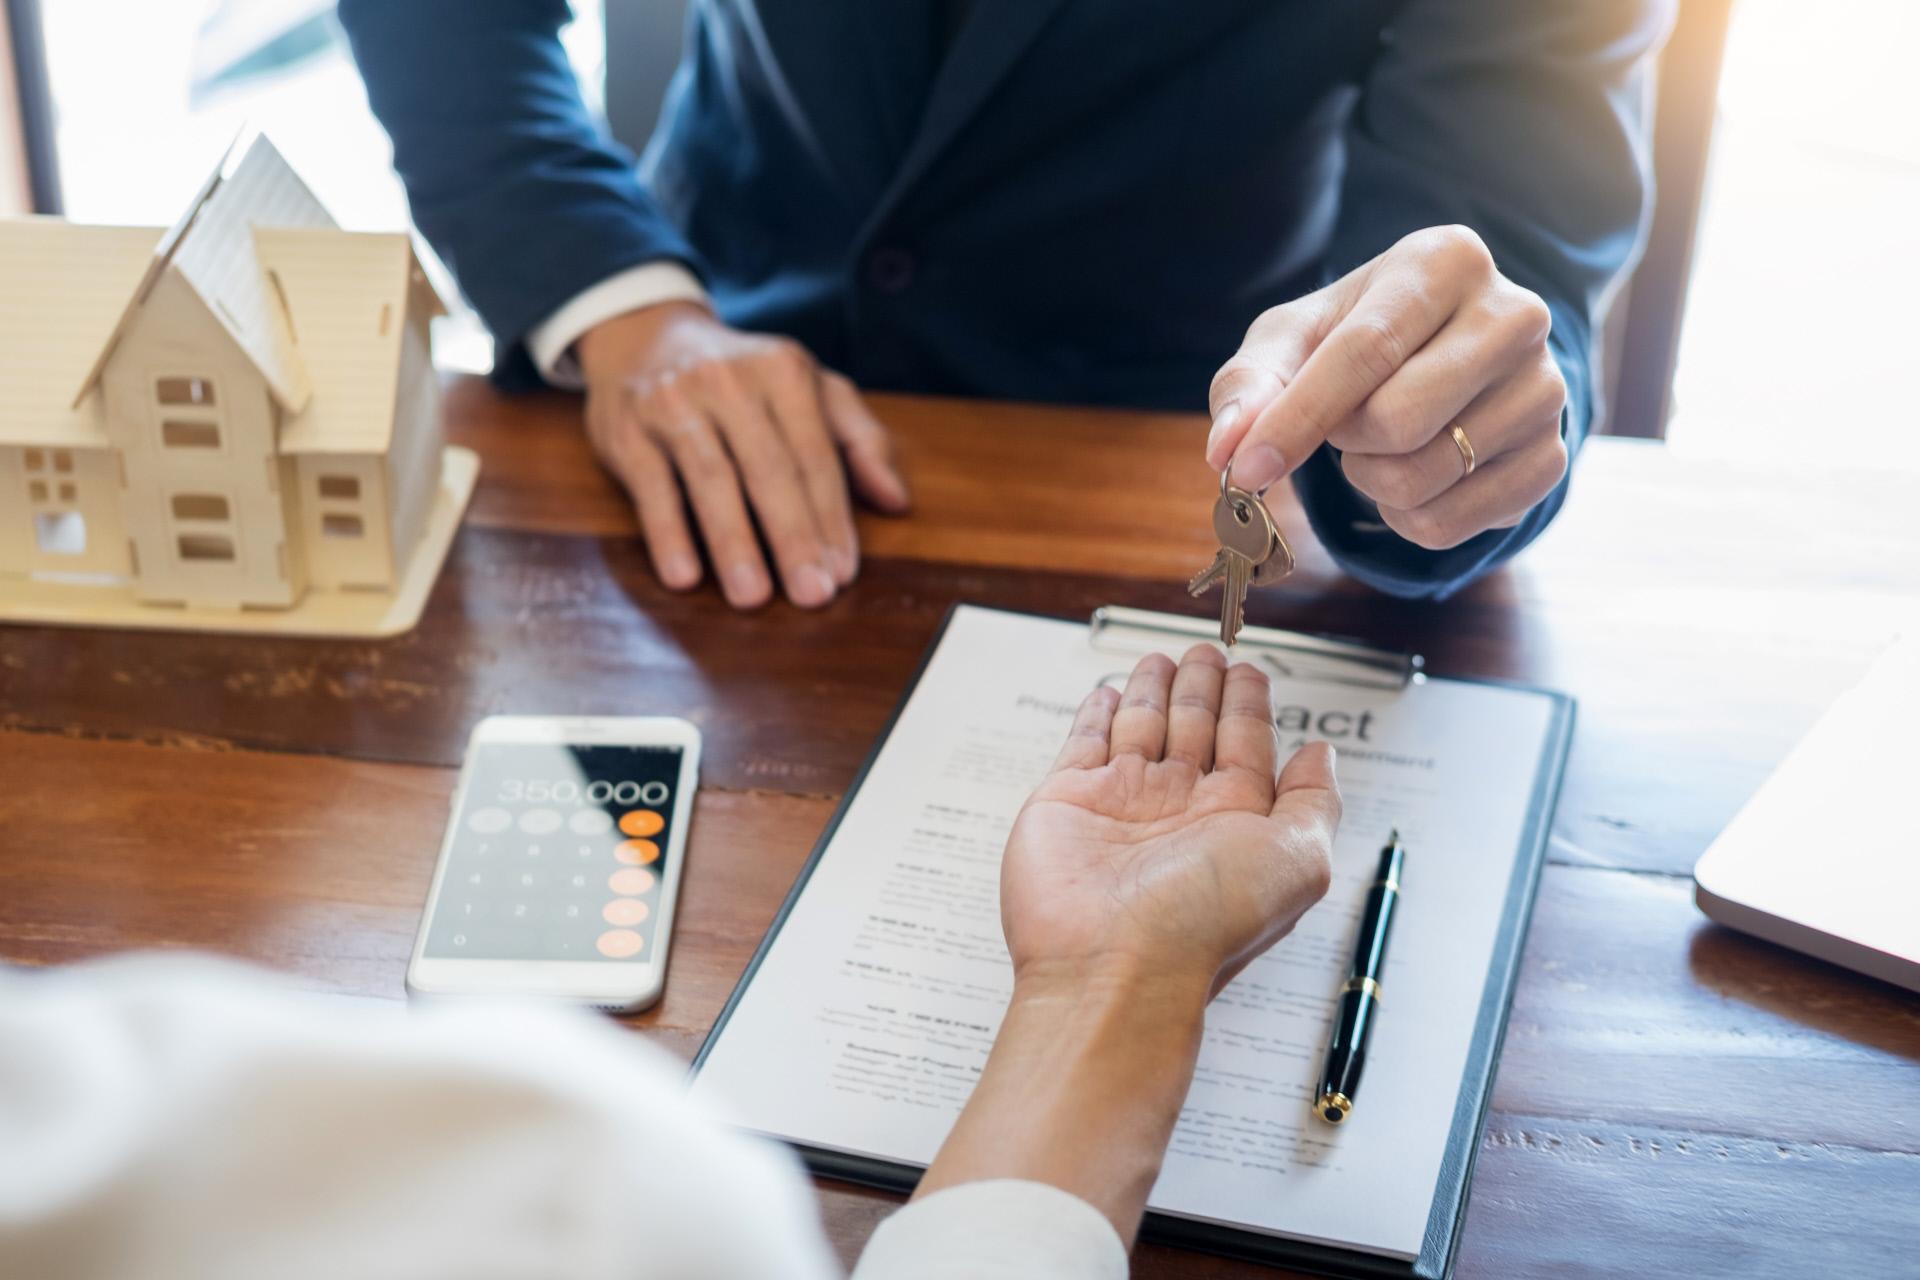 Bancos mostram disponibilidade para financiar a compra da casa